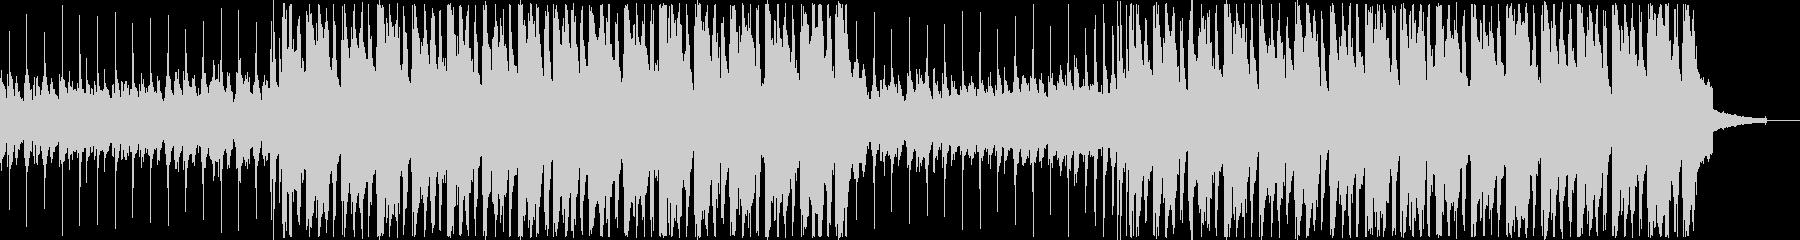 アコギ・口笛・明るい日常系BGMの未再生の波形